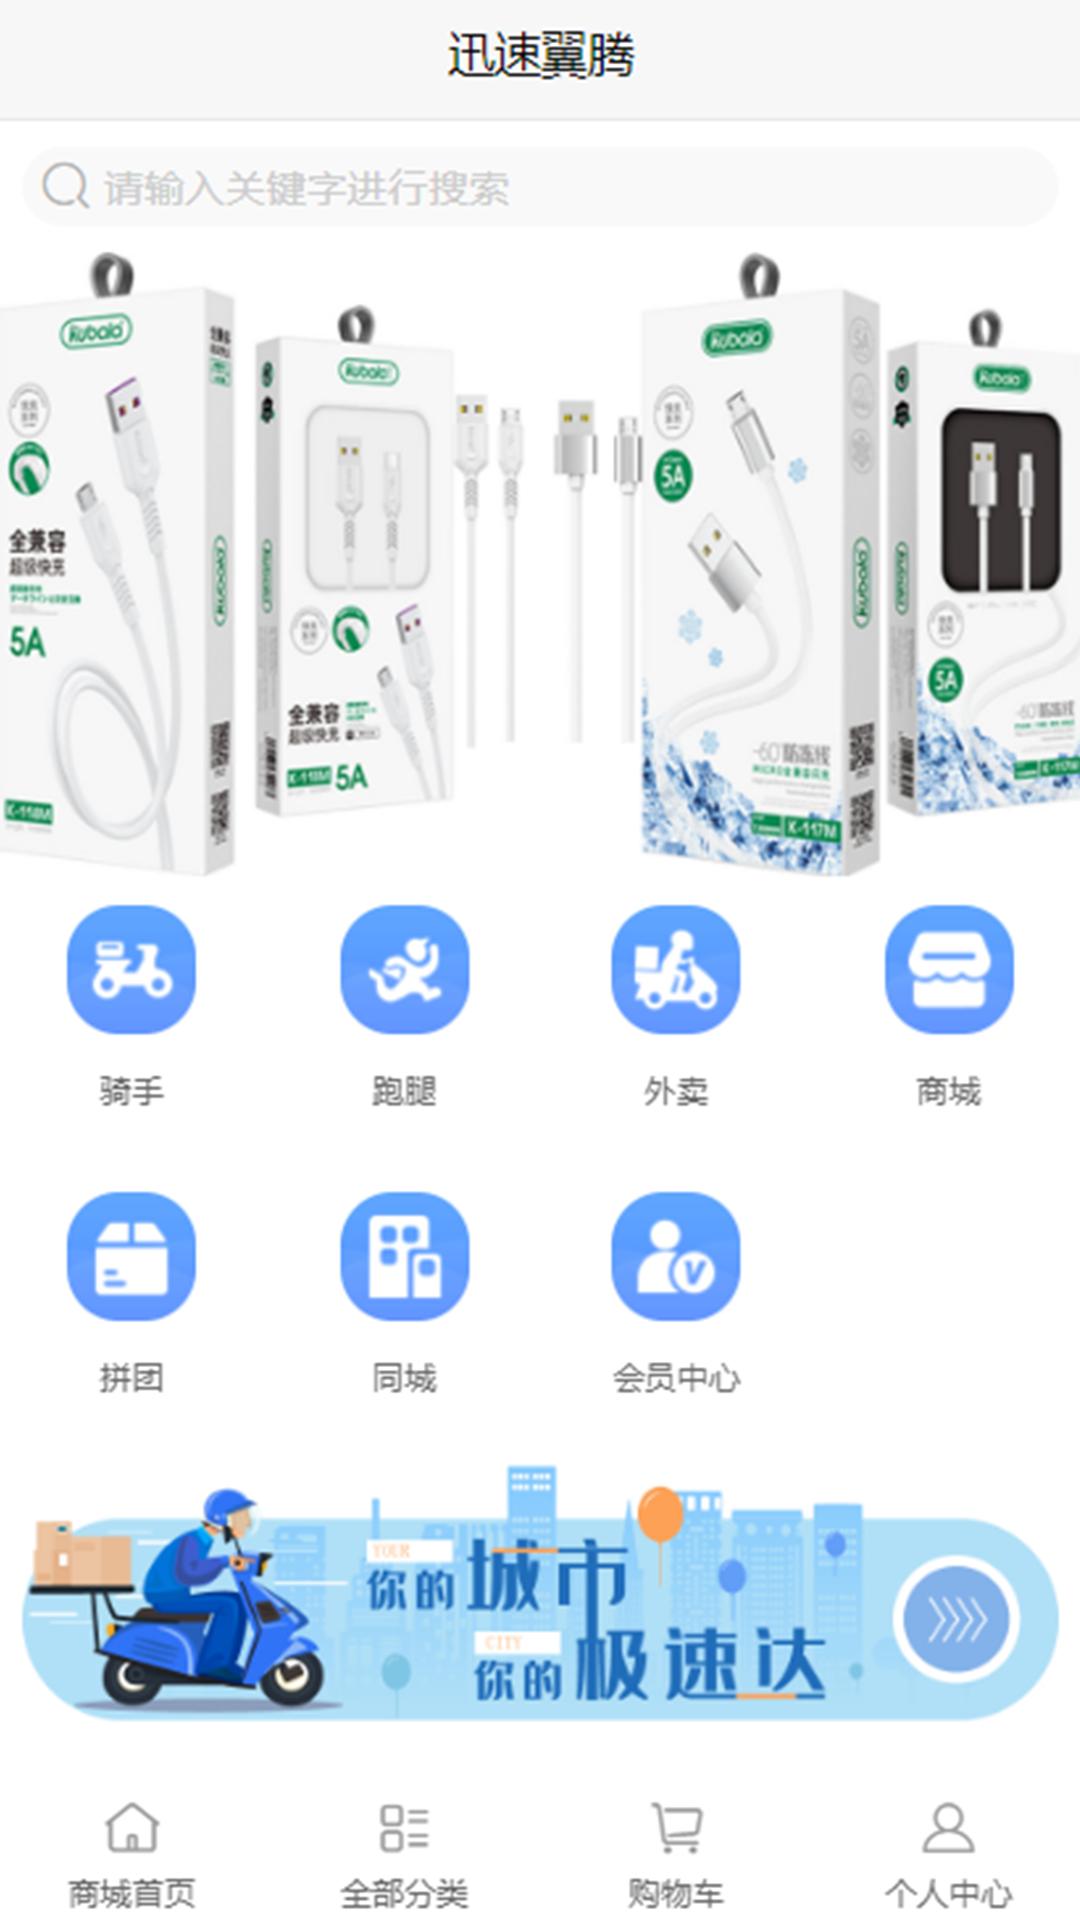 讯速翼腾appv1.0.2 最新版